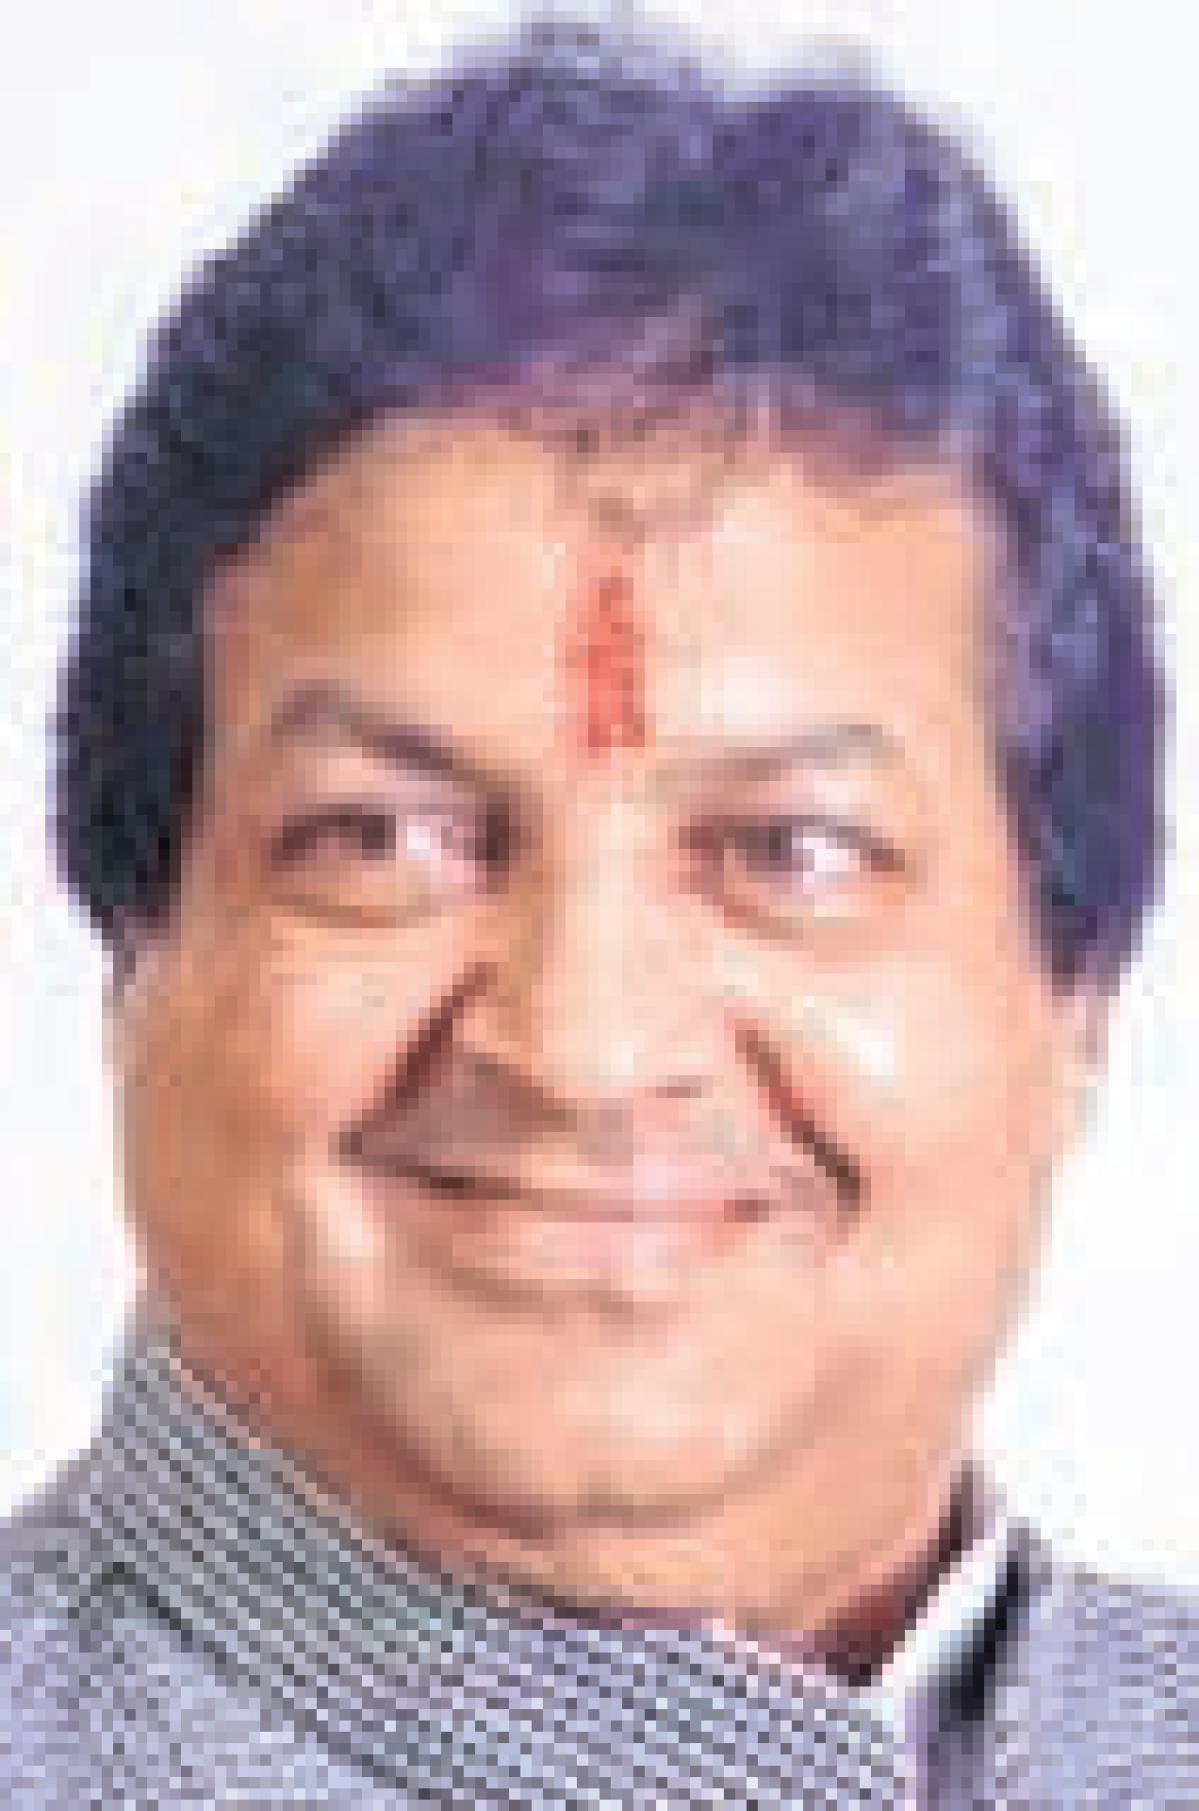 Bhopal: Surendra Patwa asked to deposit passport